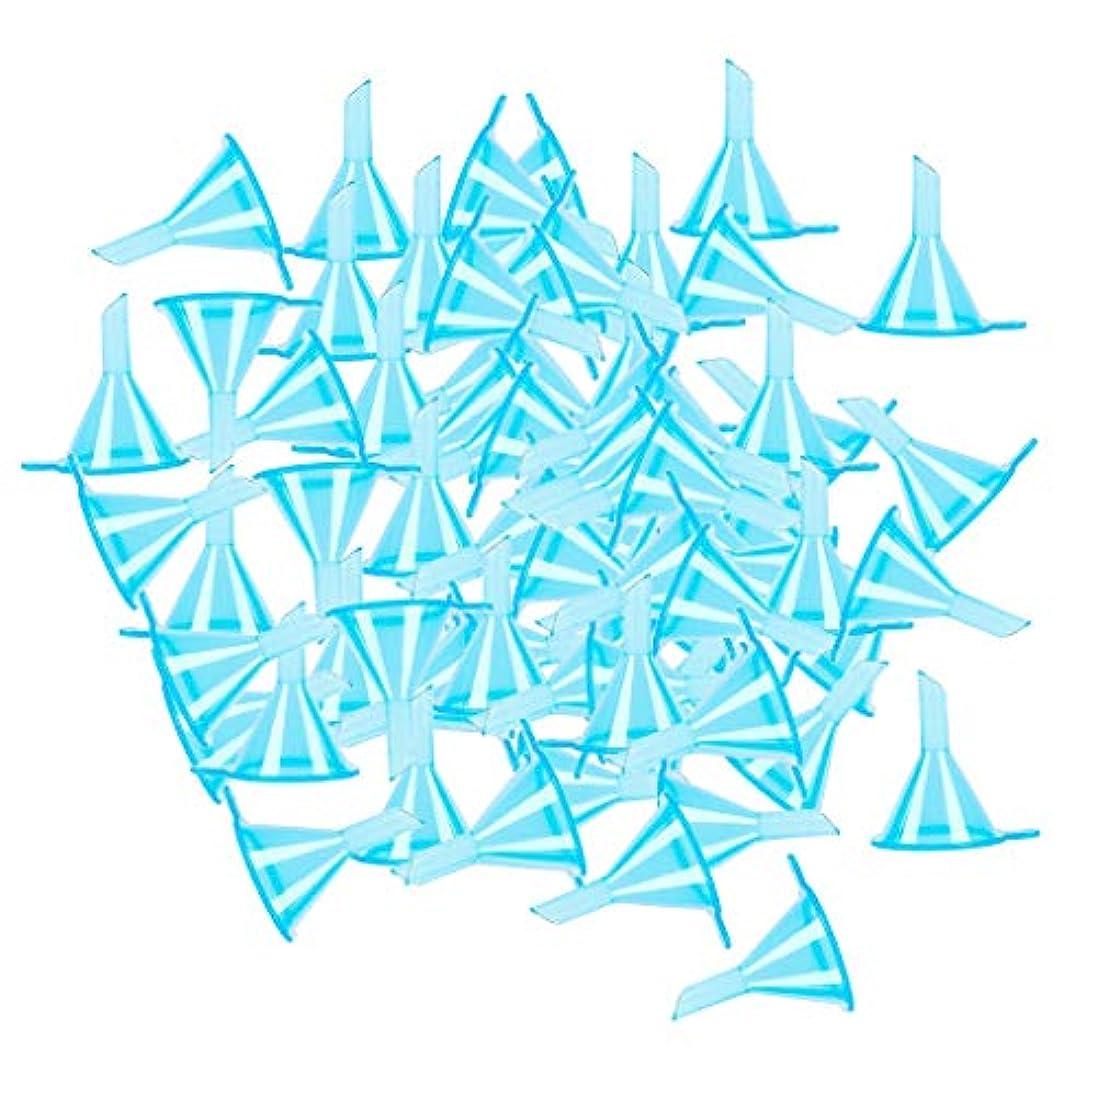 矛盾コンサート地質学100個入り 小分けツール ミニ ファンネル エッセンシャルオイル 液体 香水用 全3色 - ブルー